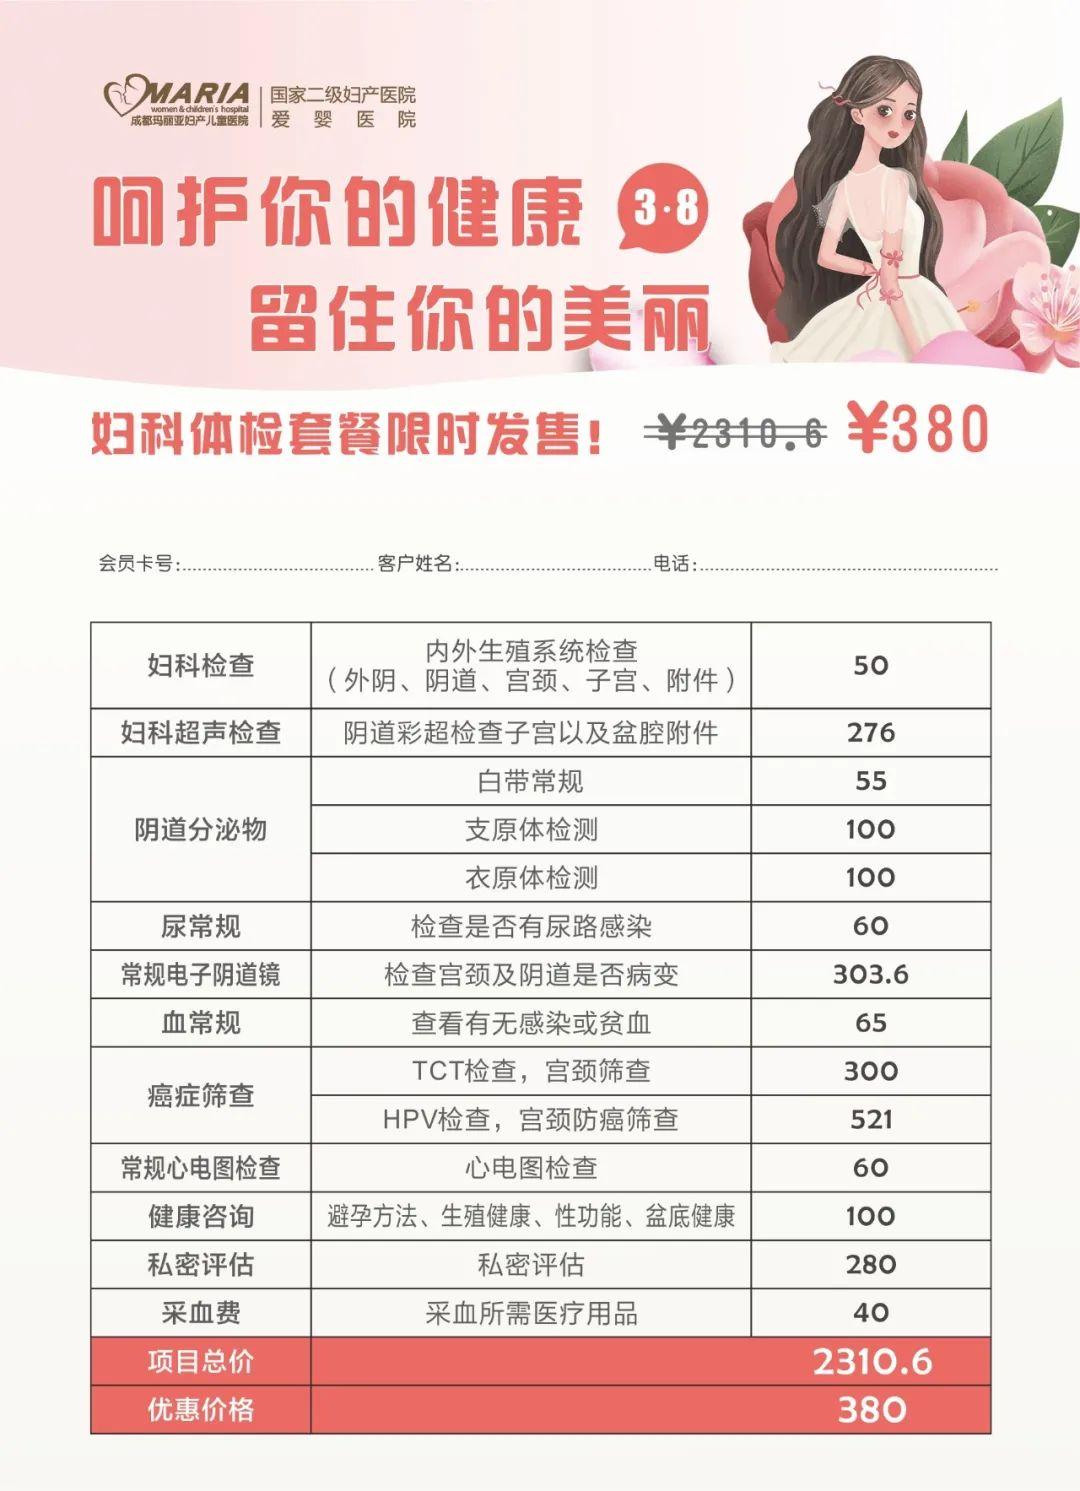 """380元疯抢""""女性健康体检套餐"""",包含TCT、HPV等十余项体检项目!"""